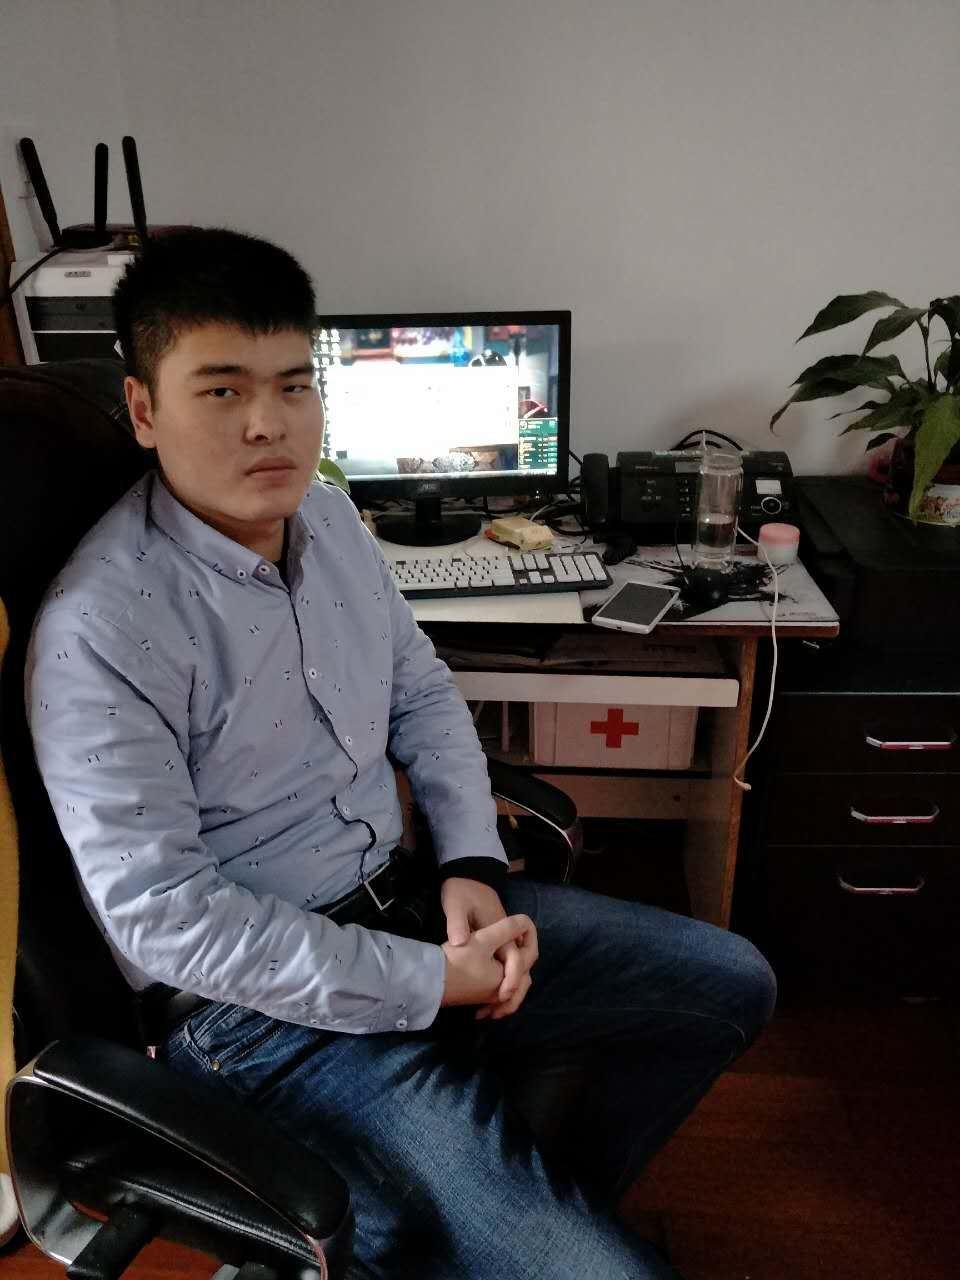 上海到阿坝物流专线(上海立业物流有限公司)